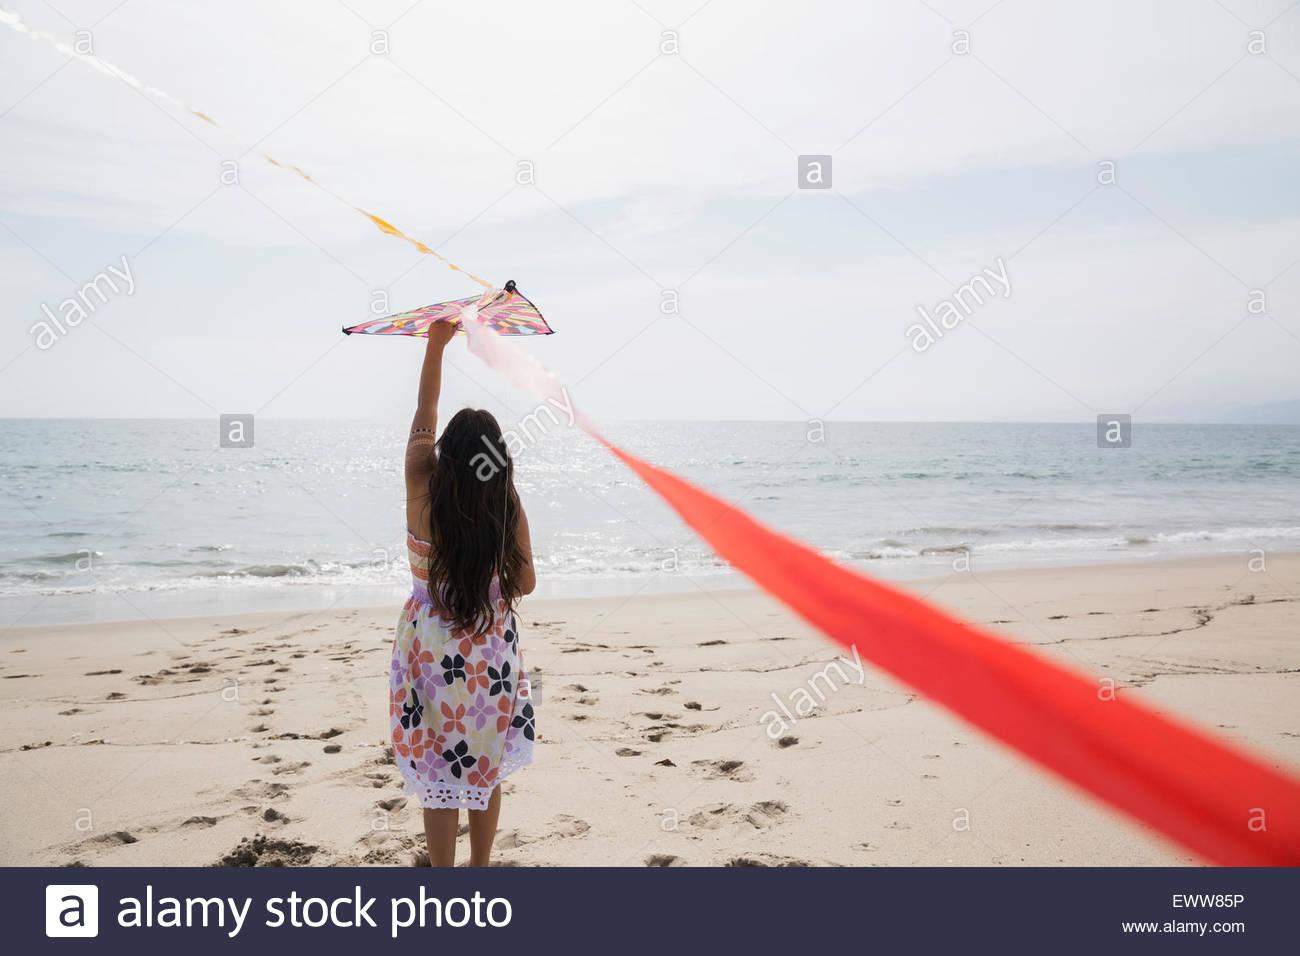 Girl in dress flying kite on sunny beach - Stock Image